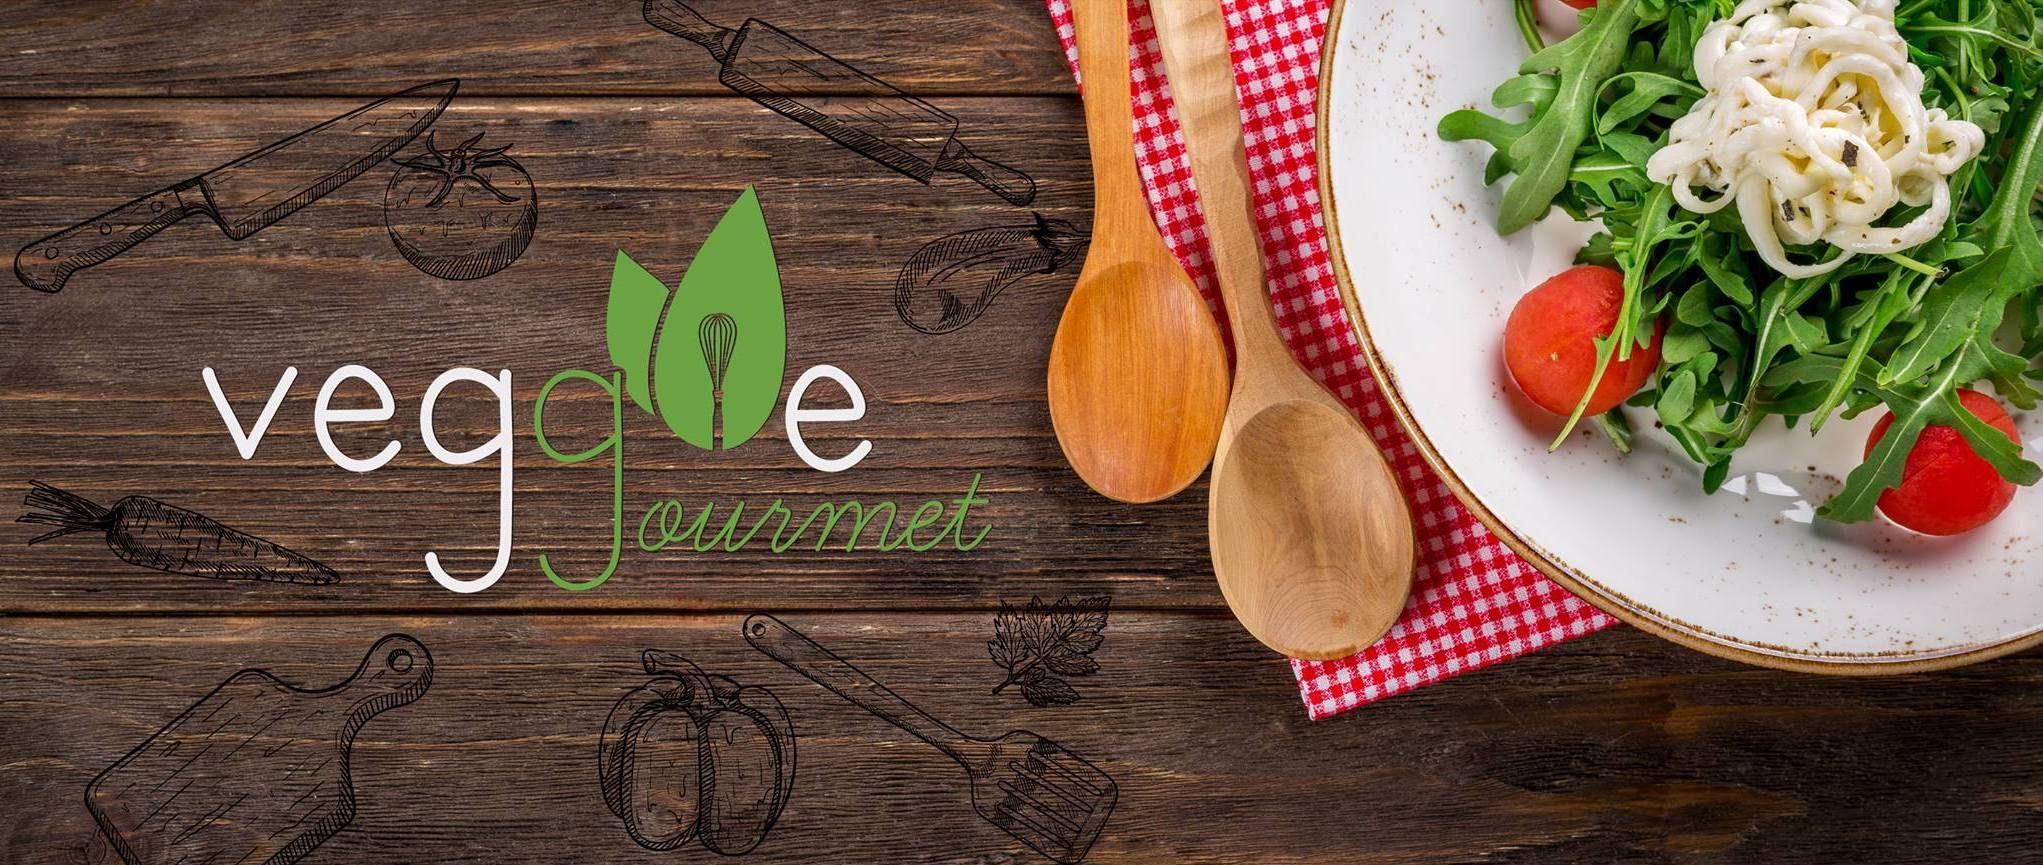 Veggie Gourmet - Cours de cuisine végétarienne